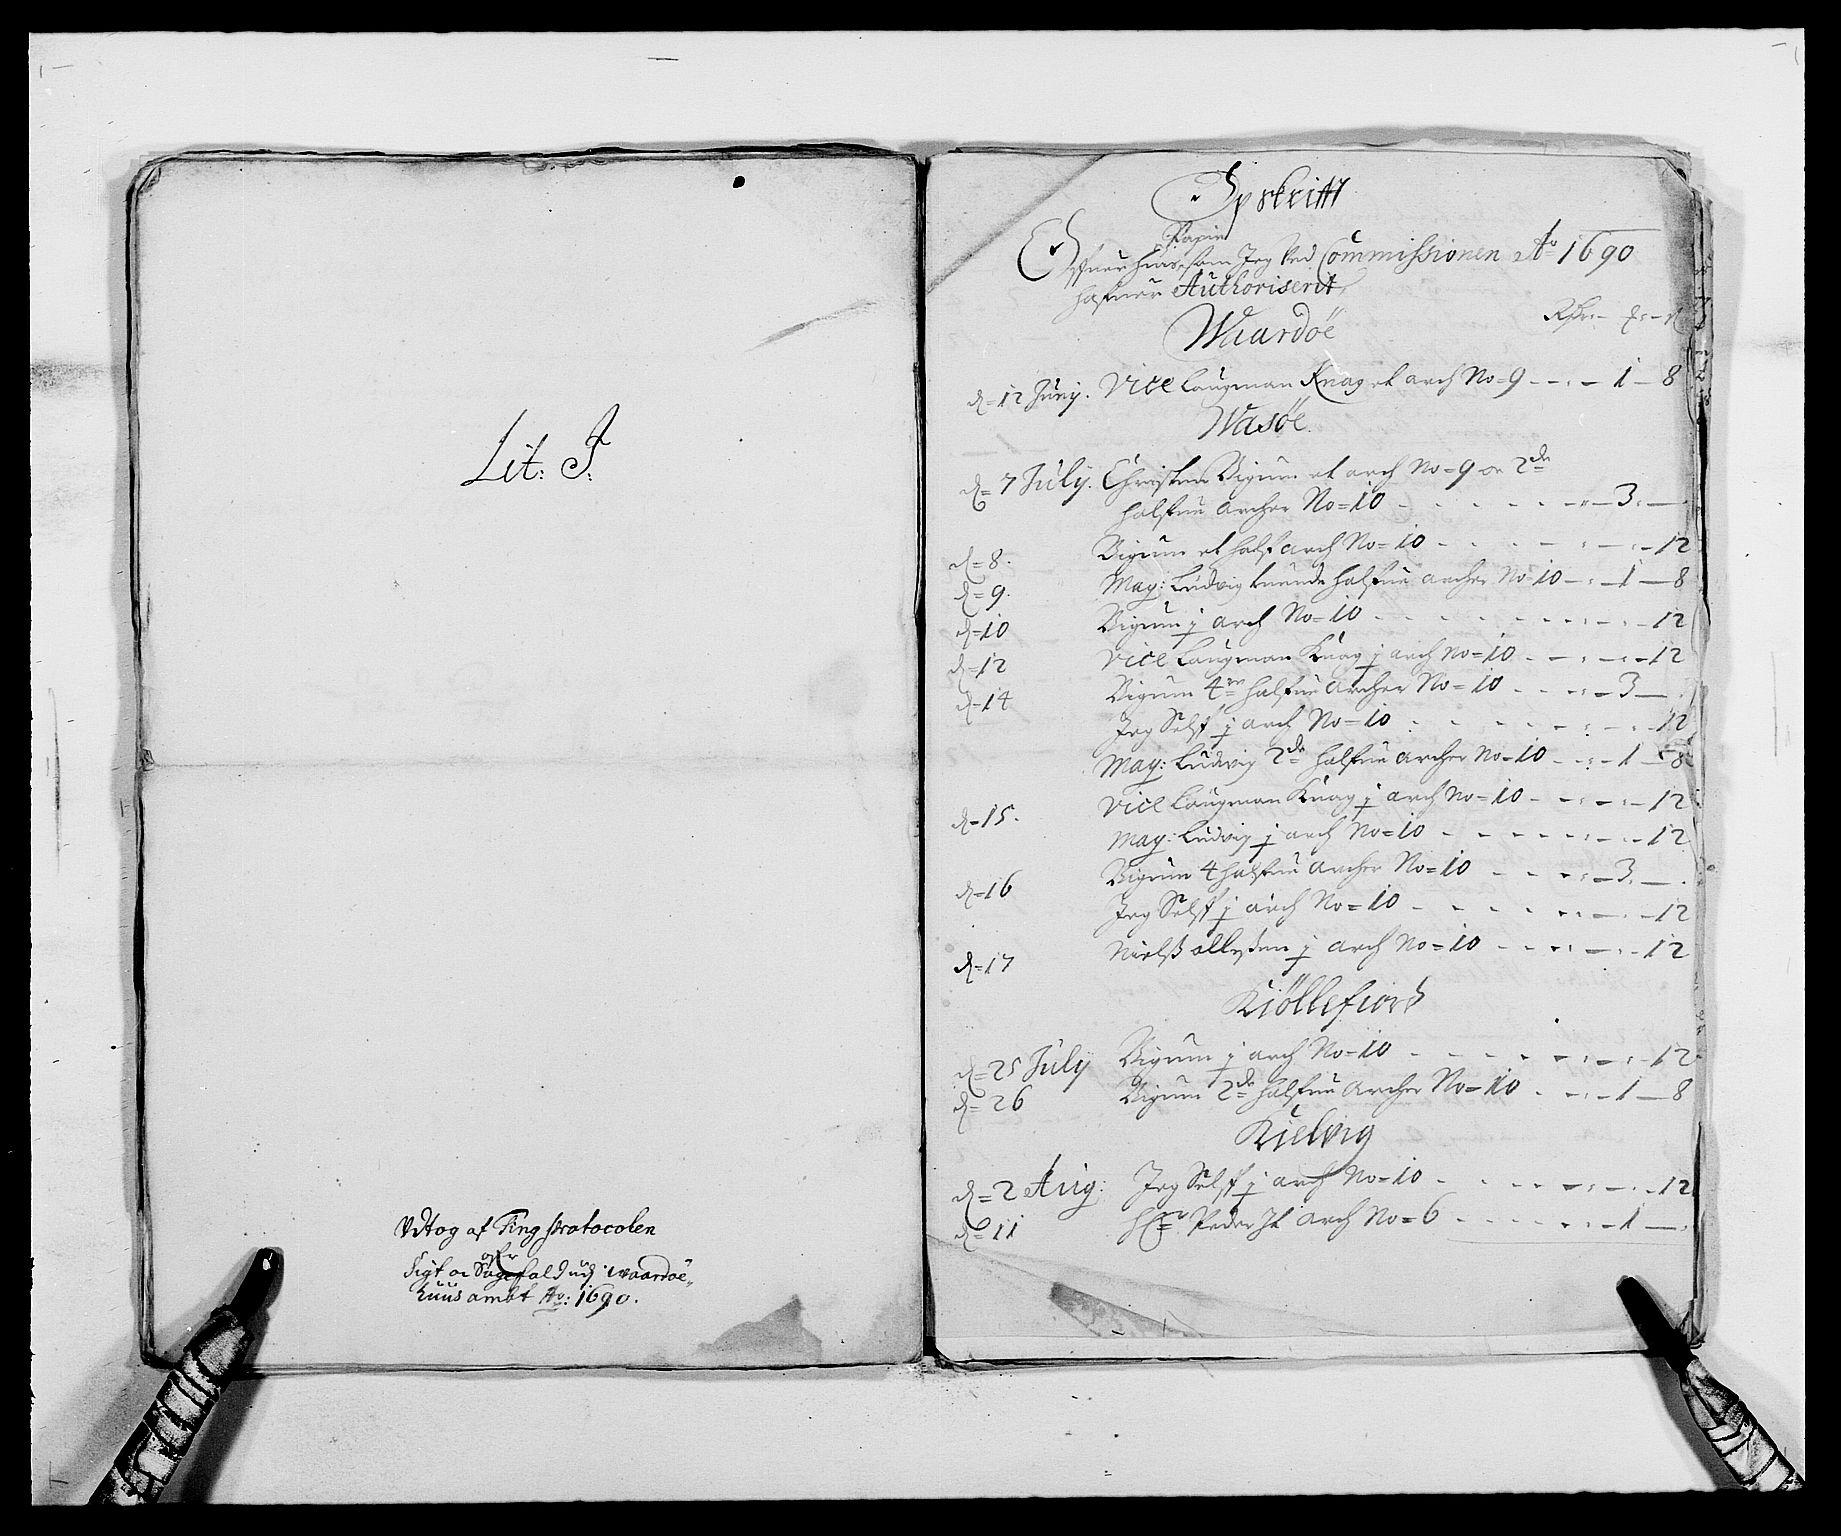 RA, Rentekammeret inntil 1814, Reviderte regnskaper, Fogderegnskap, R69/L4850: Fogderegnskap Finnmark/Vardøhus, 1680-1690, s. 291